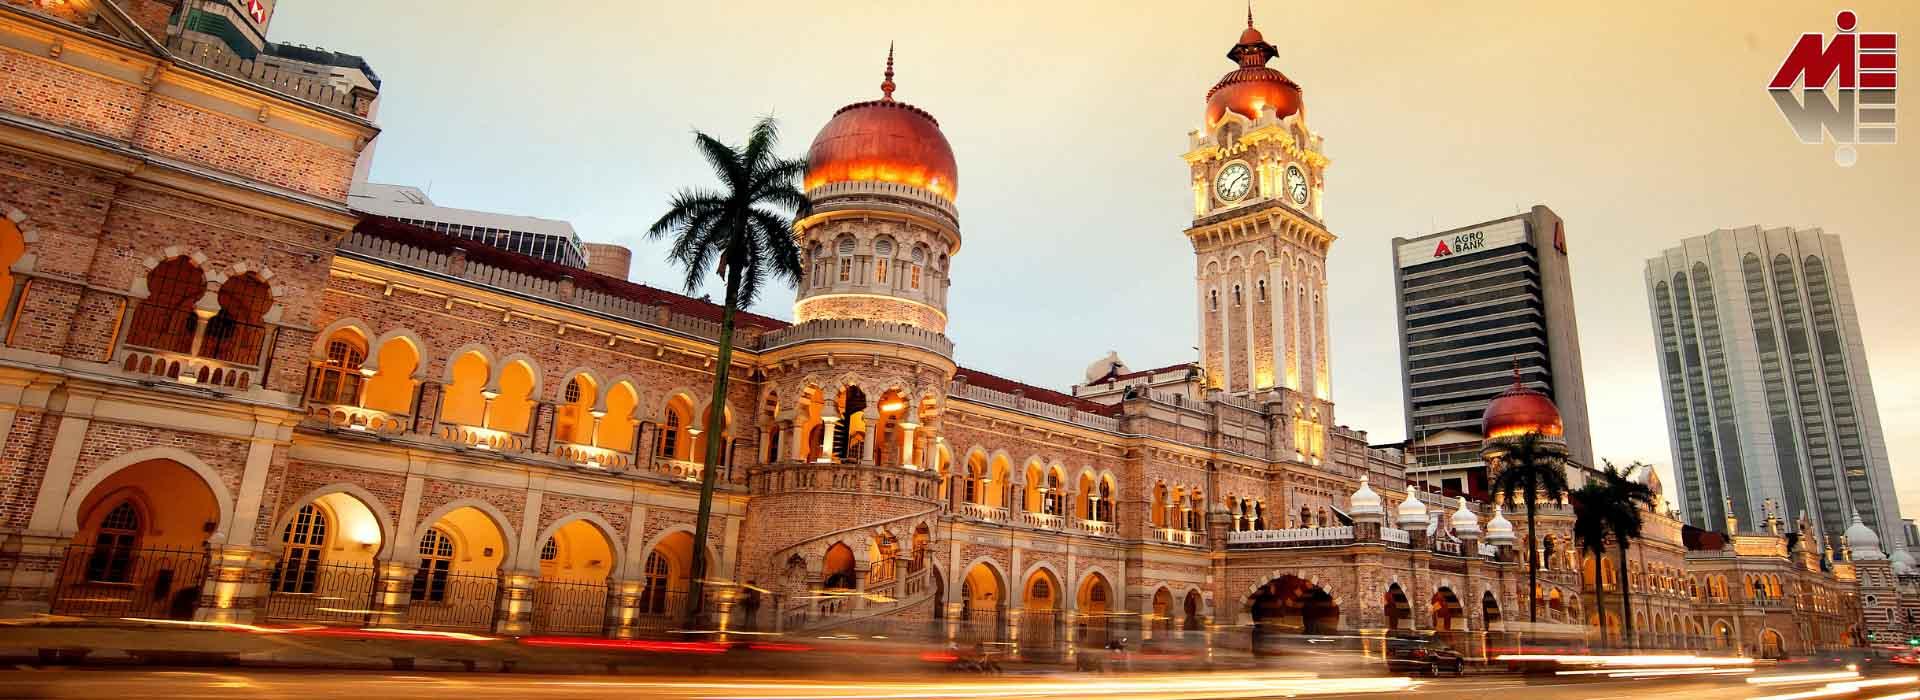 اعزام دانشجو به مالزی 8 اعزام دانشجو به مالزی